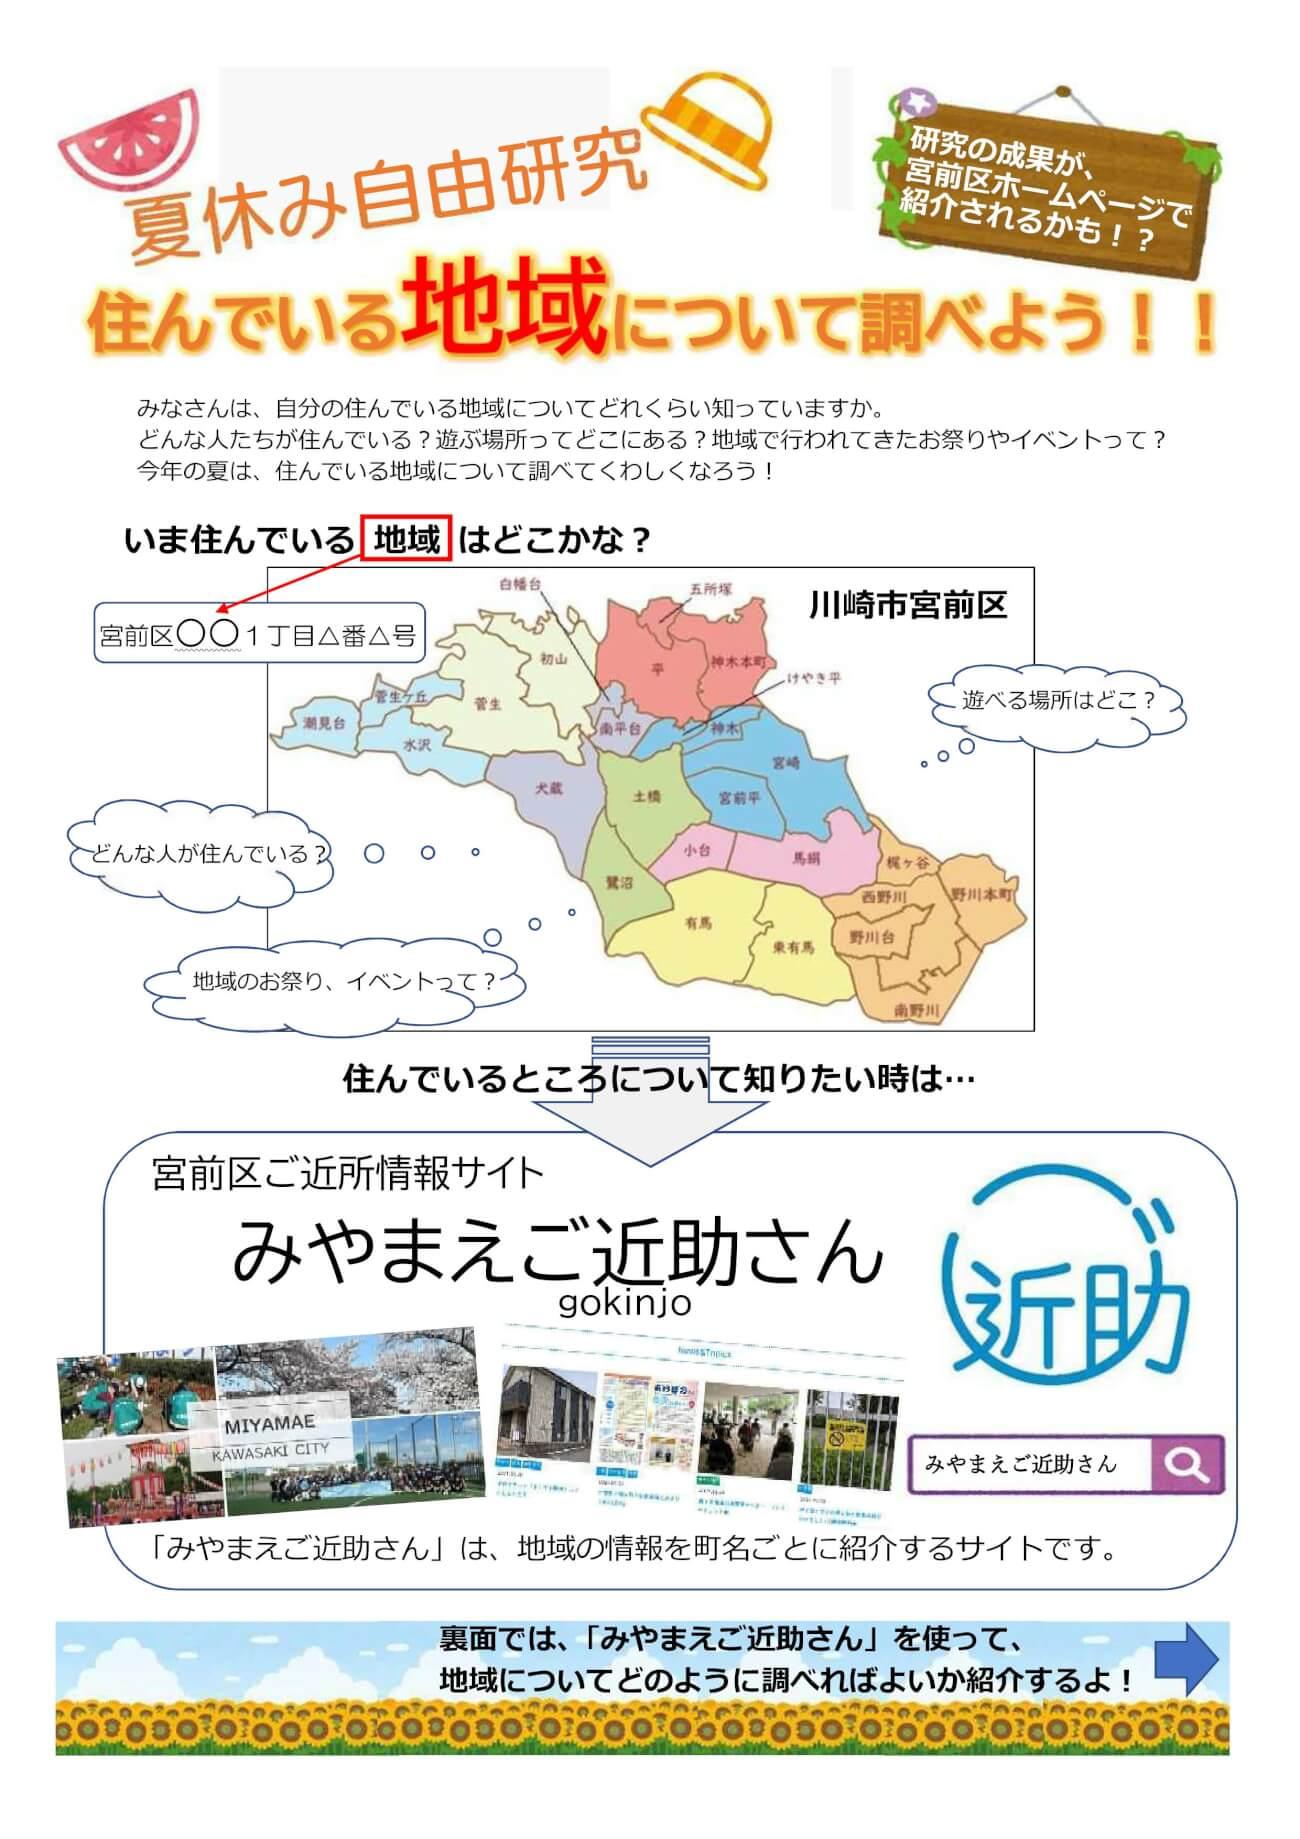 【元ファイル】夏休み自由研究の取組_imgs-0002